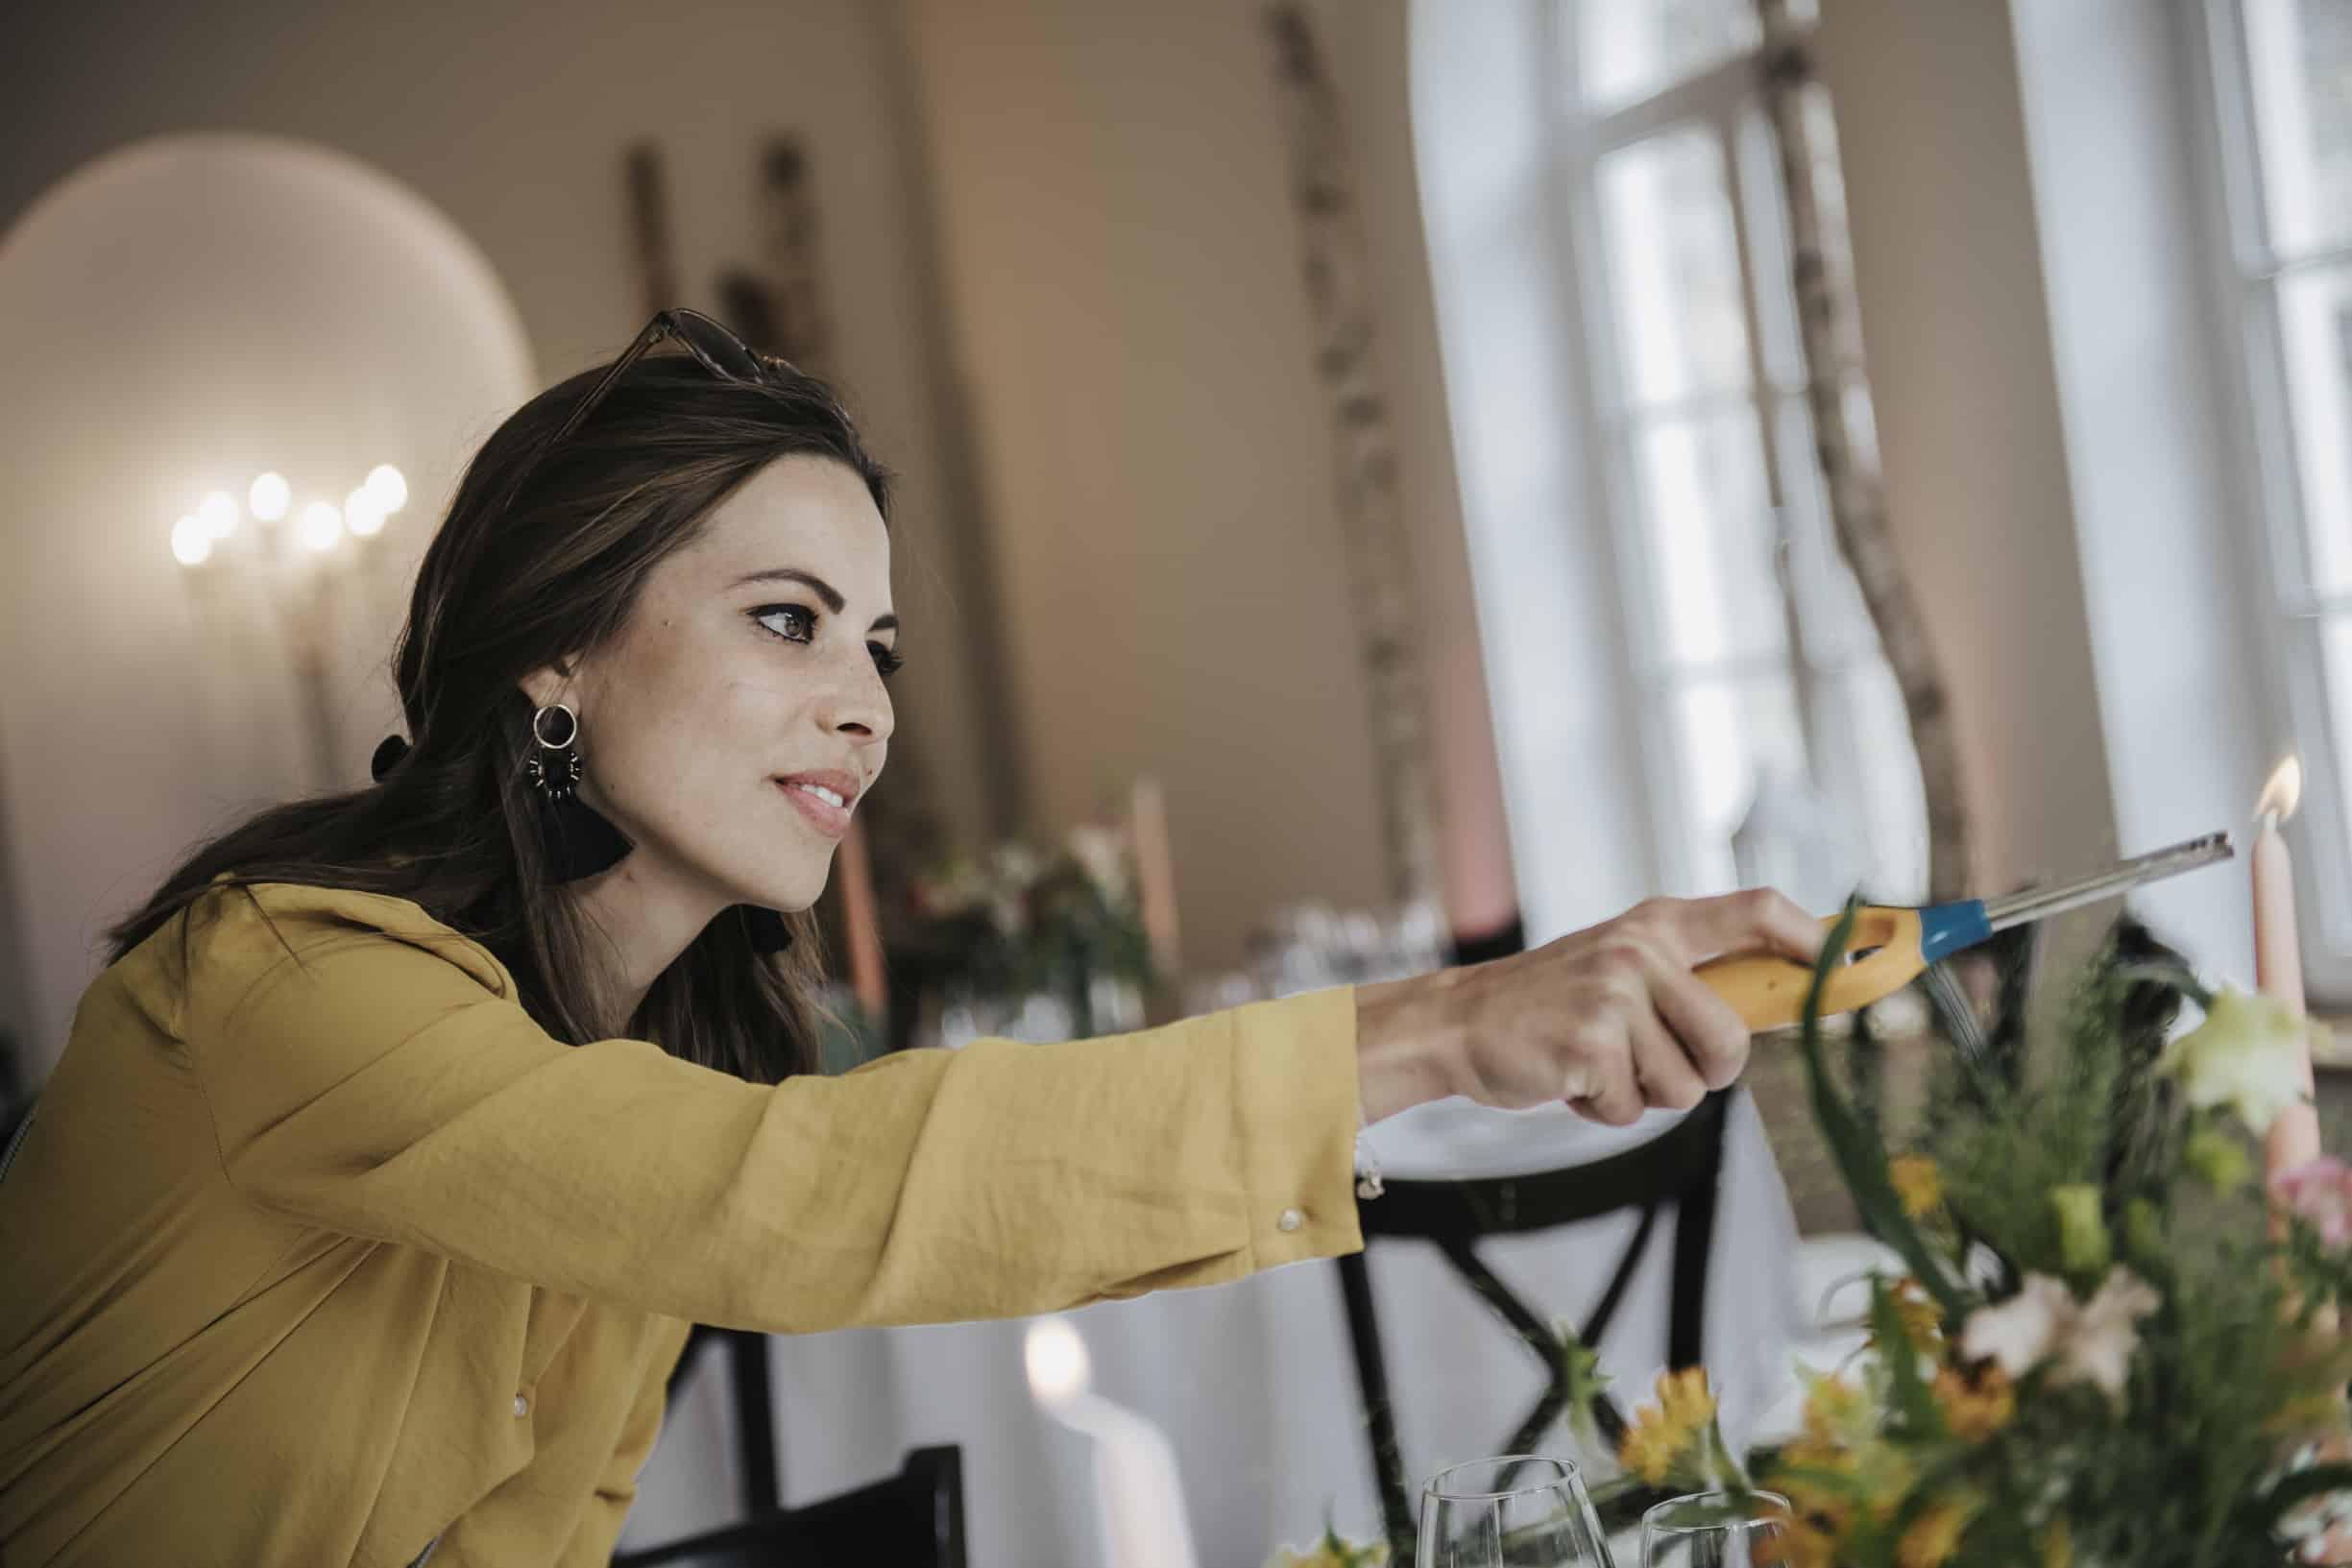 Hochzeitsplanerin übernimmt diverse Organisations- und Koordinationstätigkeiten am Hochzeitstag damit alles perfekt ist; Weddingplanner pure passoion weddings by Anna Walch